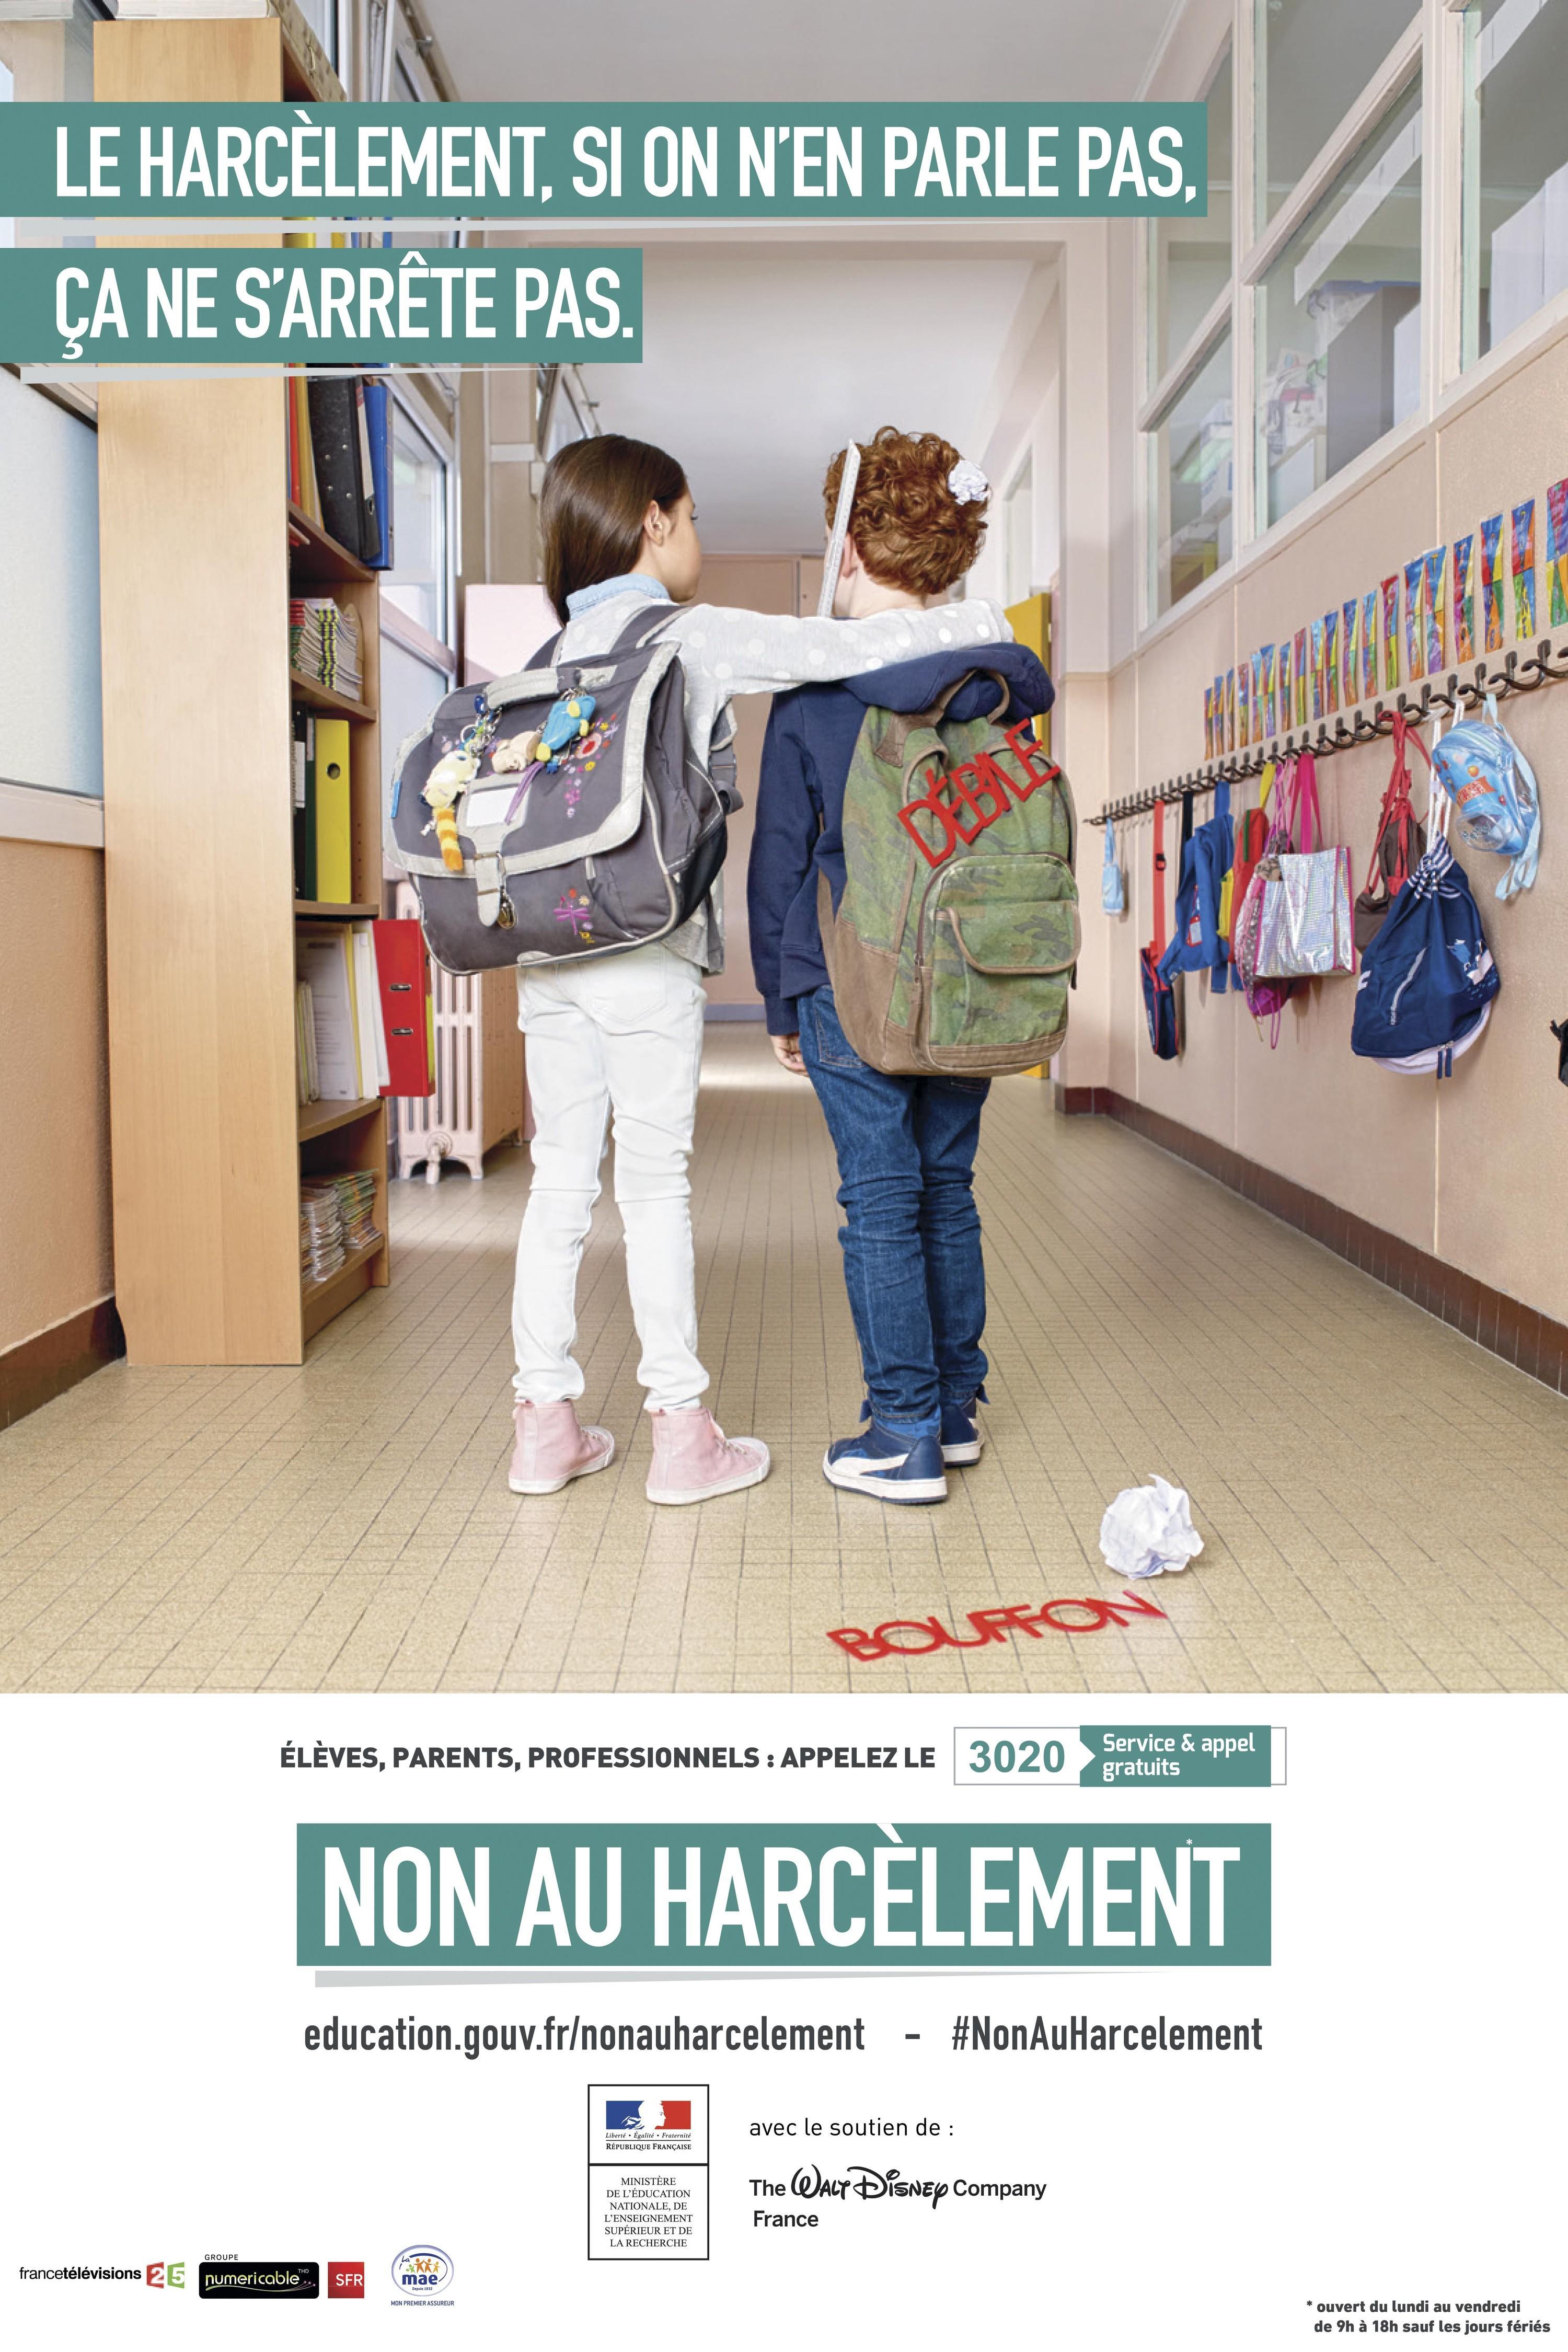 Non au harcèlement